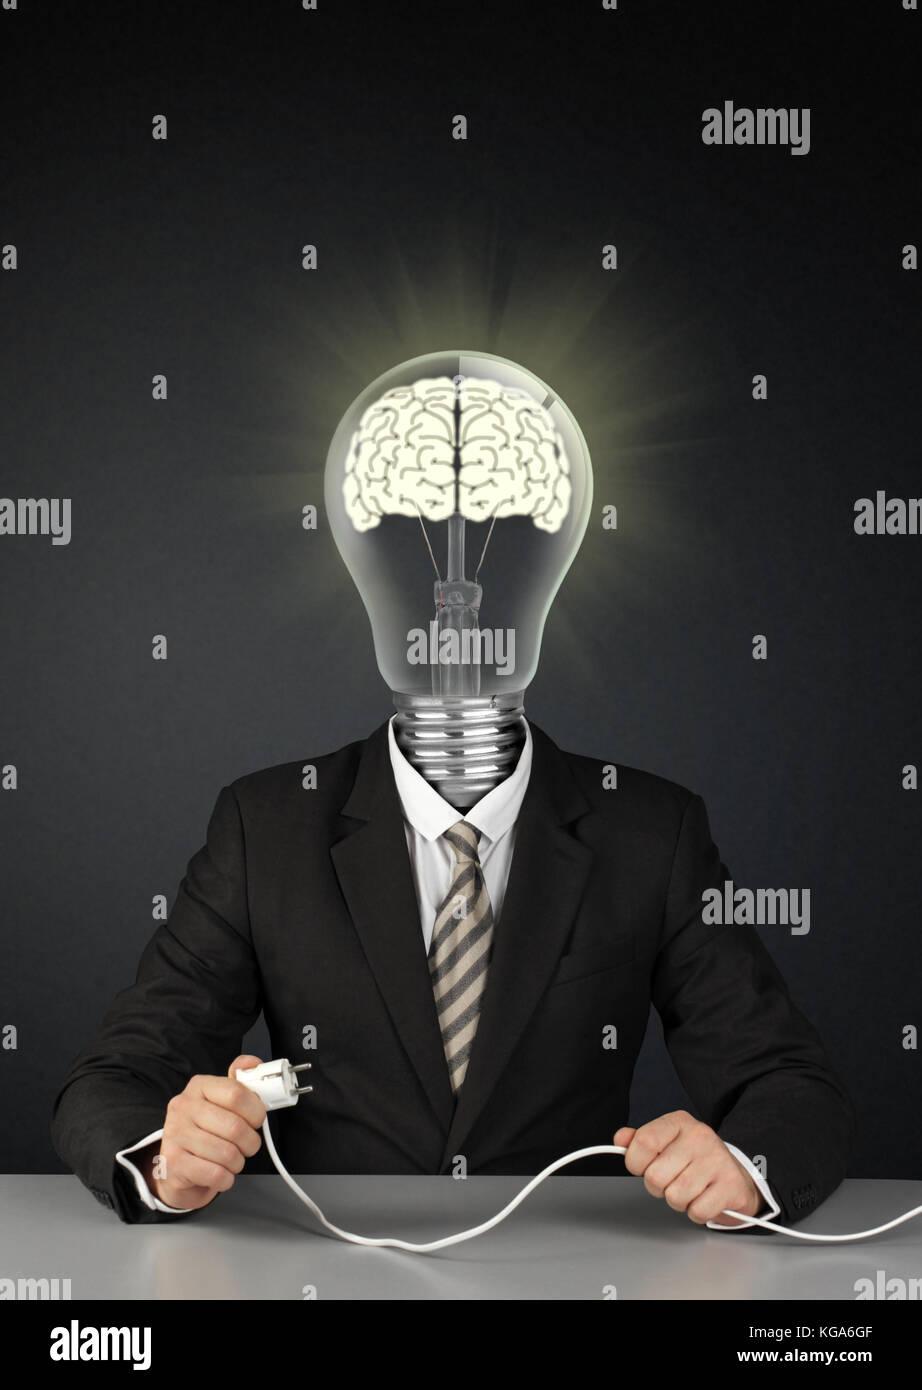 Geschäftsmann mit Glühbirne Kopf und Stecker, Schalter Gehirn kreatives Konzept auf Schwarz Stockbild